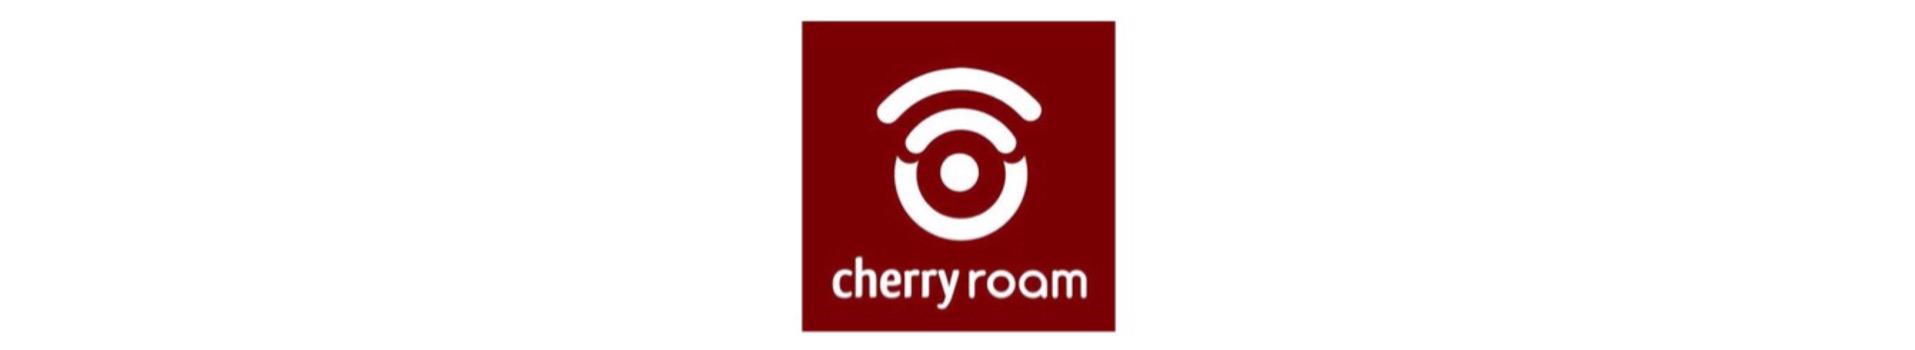 Cherry Roam